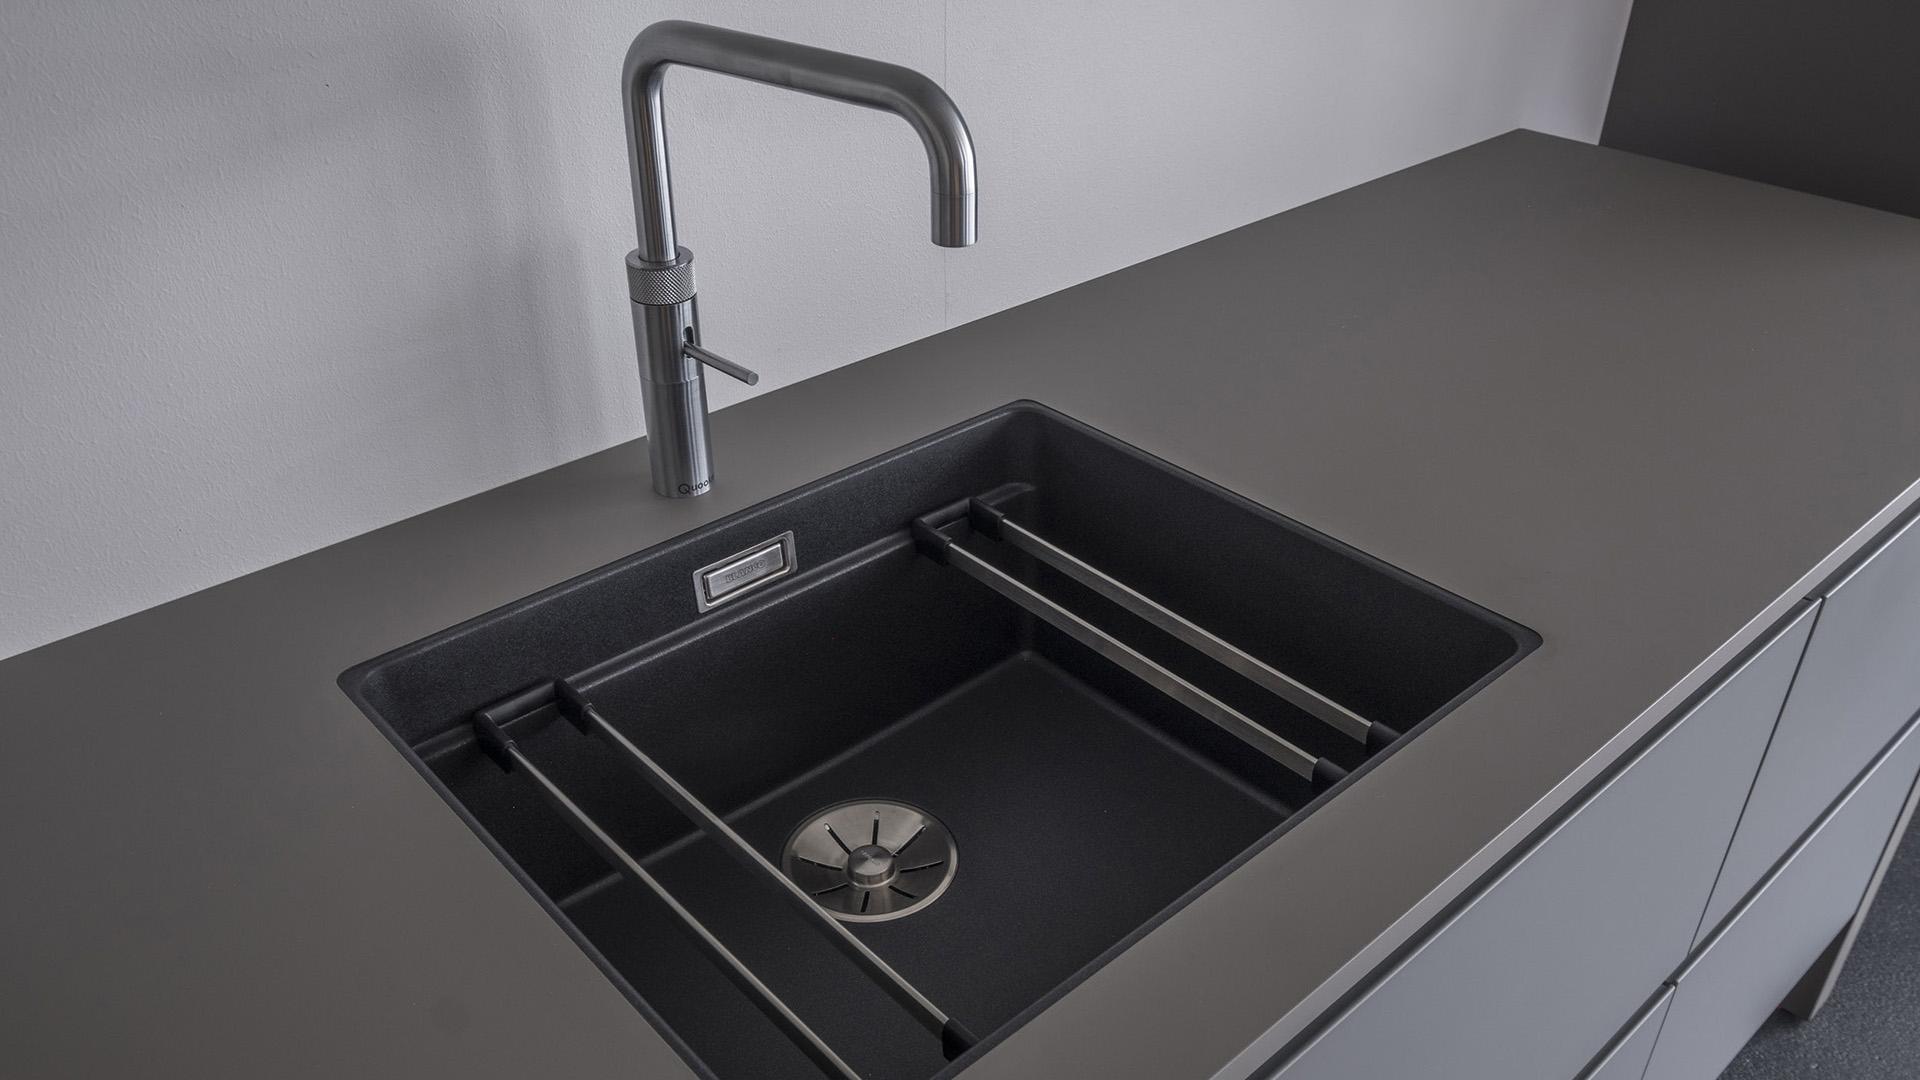 Sensationelle Udvalget af vaske til køkken og bad | Tvis Køkkener ZK23